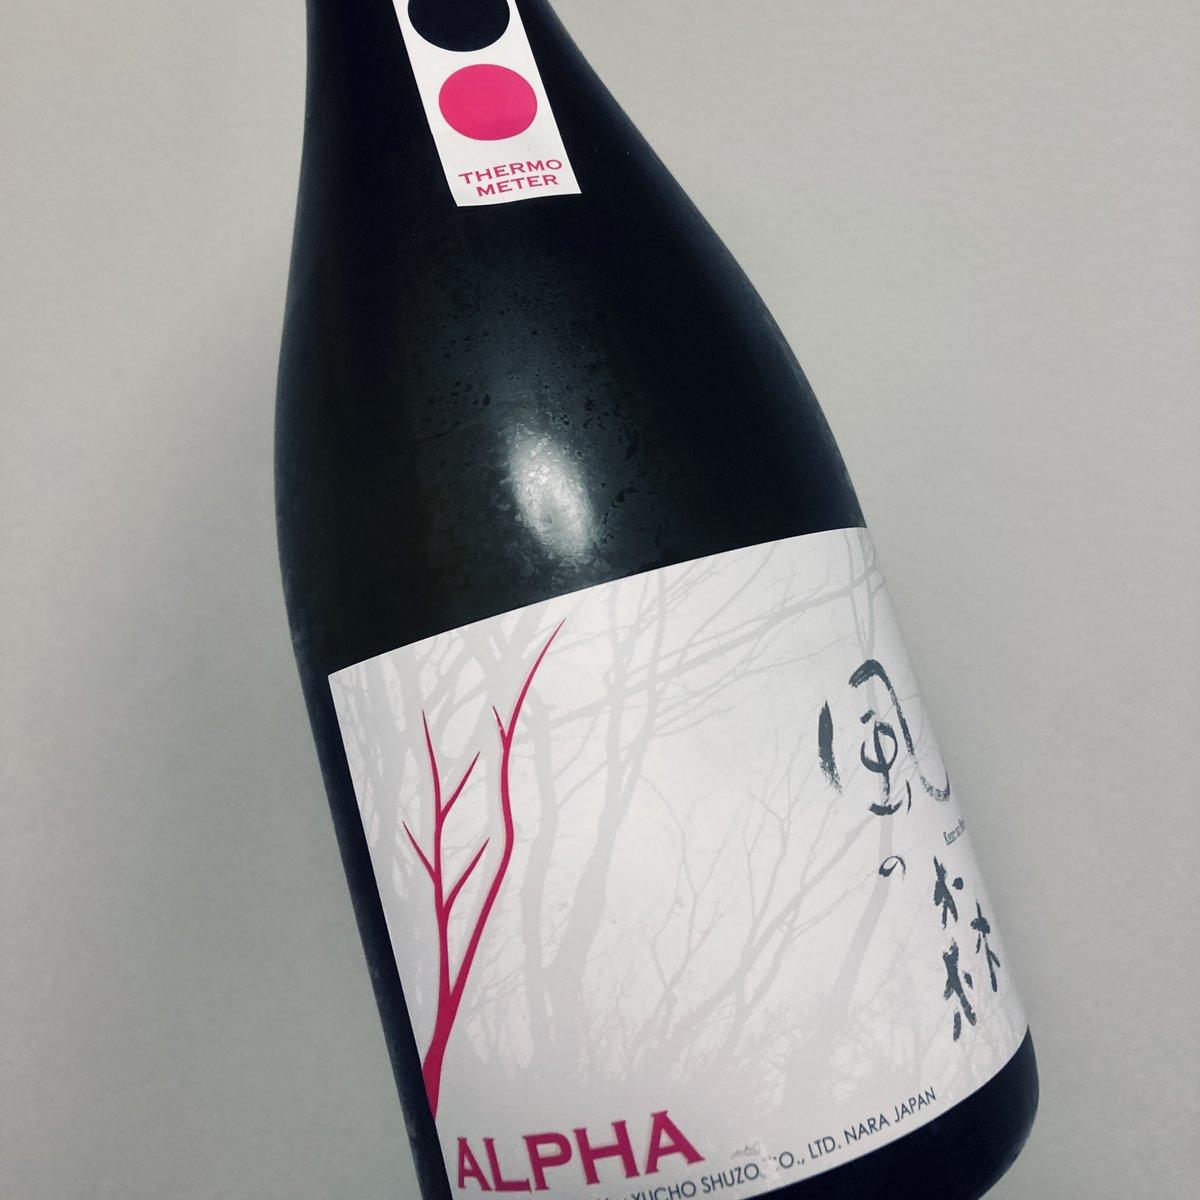 test ツイッターメディア - 急に寒くなってきたので、今夜はおでんと燗酒🍢🍶  お酒は「風の森」の燗酒専用酒「ALPHA type5 無濾過無加水生酒 燗SAKEの探求」  冷やしても当然美味いけど、燗酒にすると旨味がスゴイ😋 風の森は全て微炭酸なので温めるとどうかなと心配だったけど、その炭酸が良いアクセントになってて美味ですね https://t.co/CZ5gLPPBN1